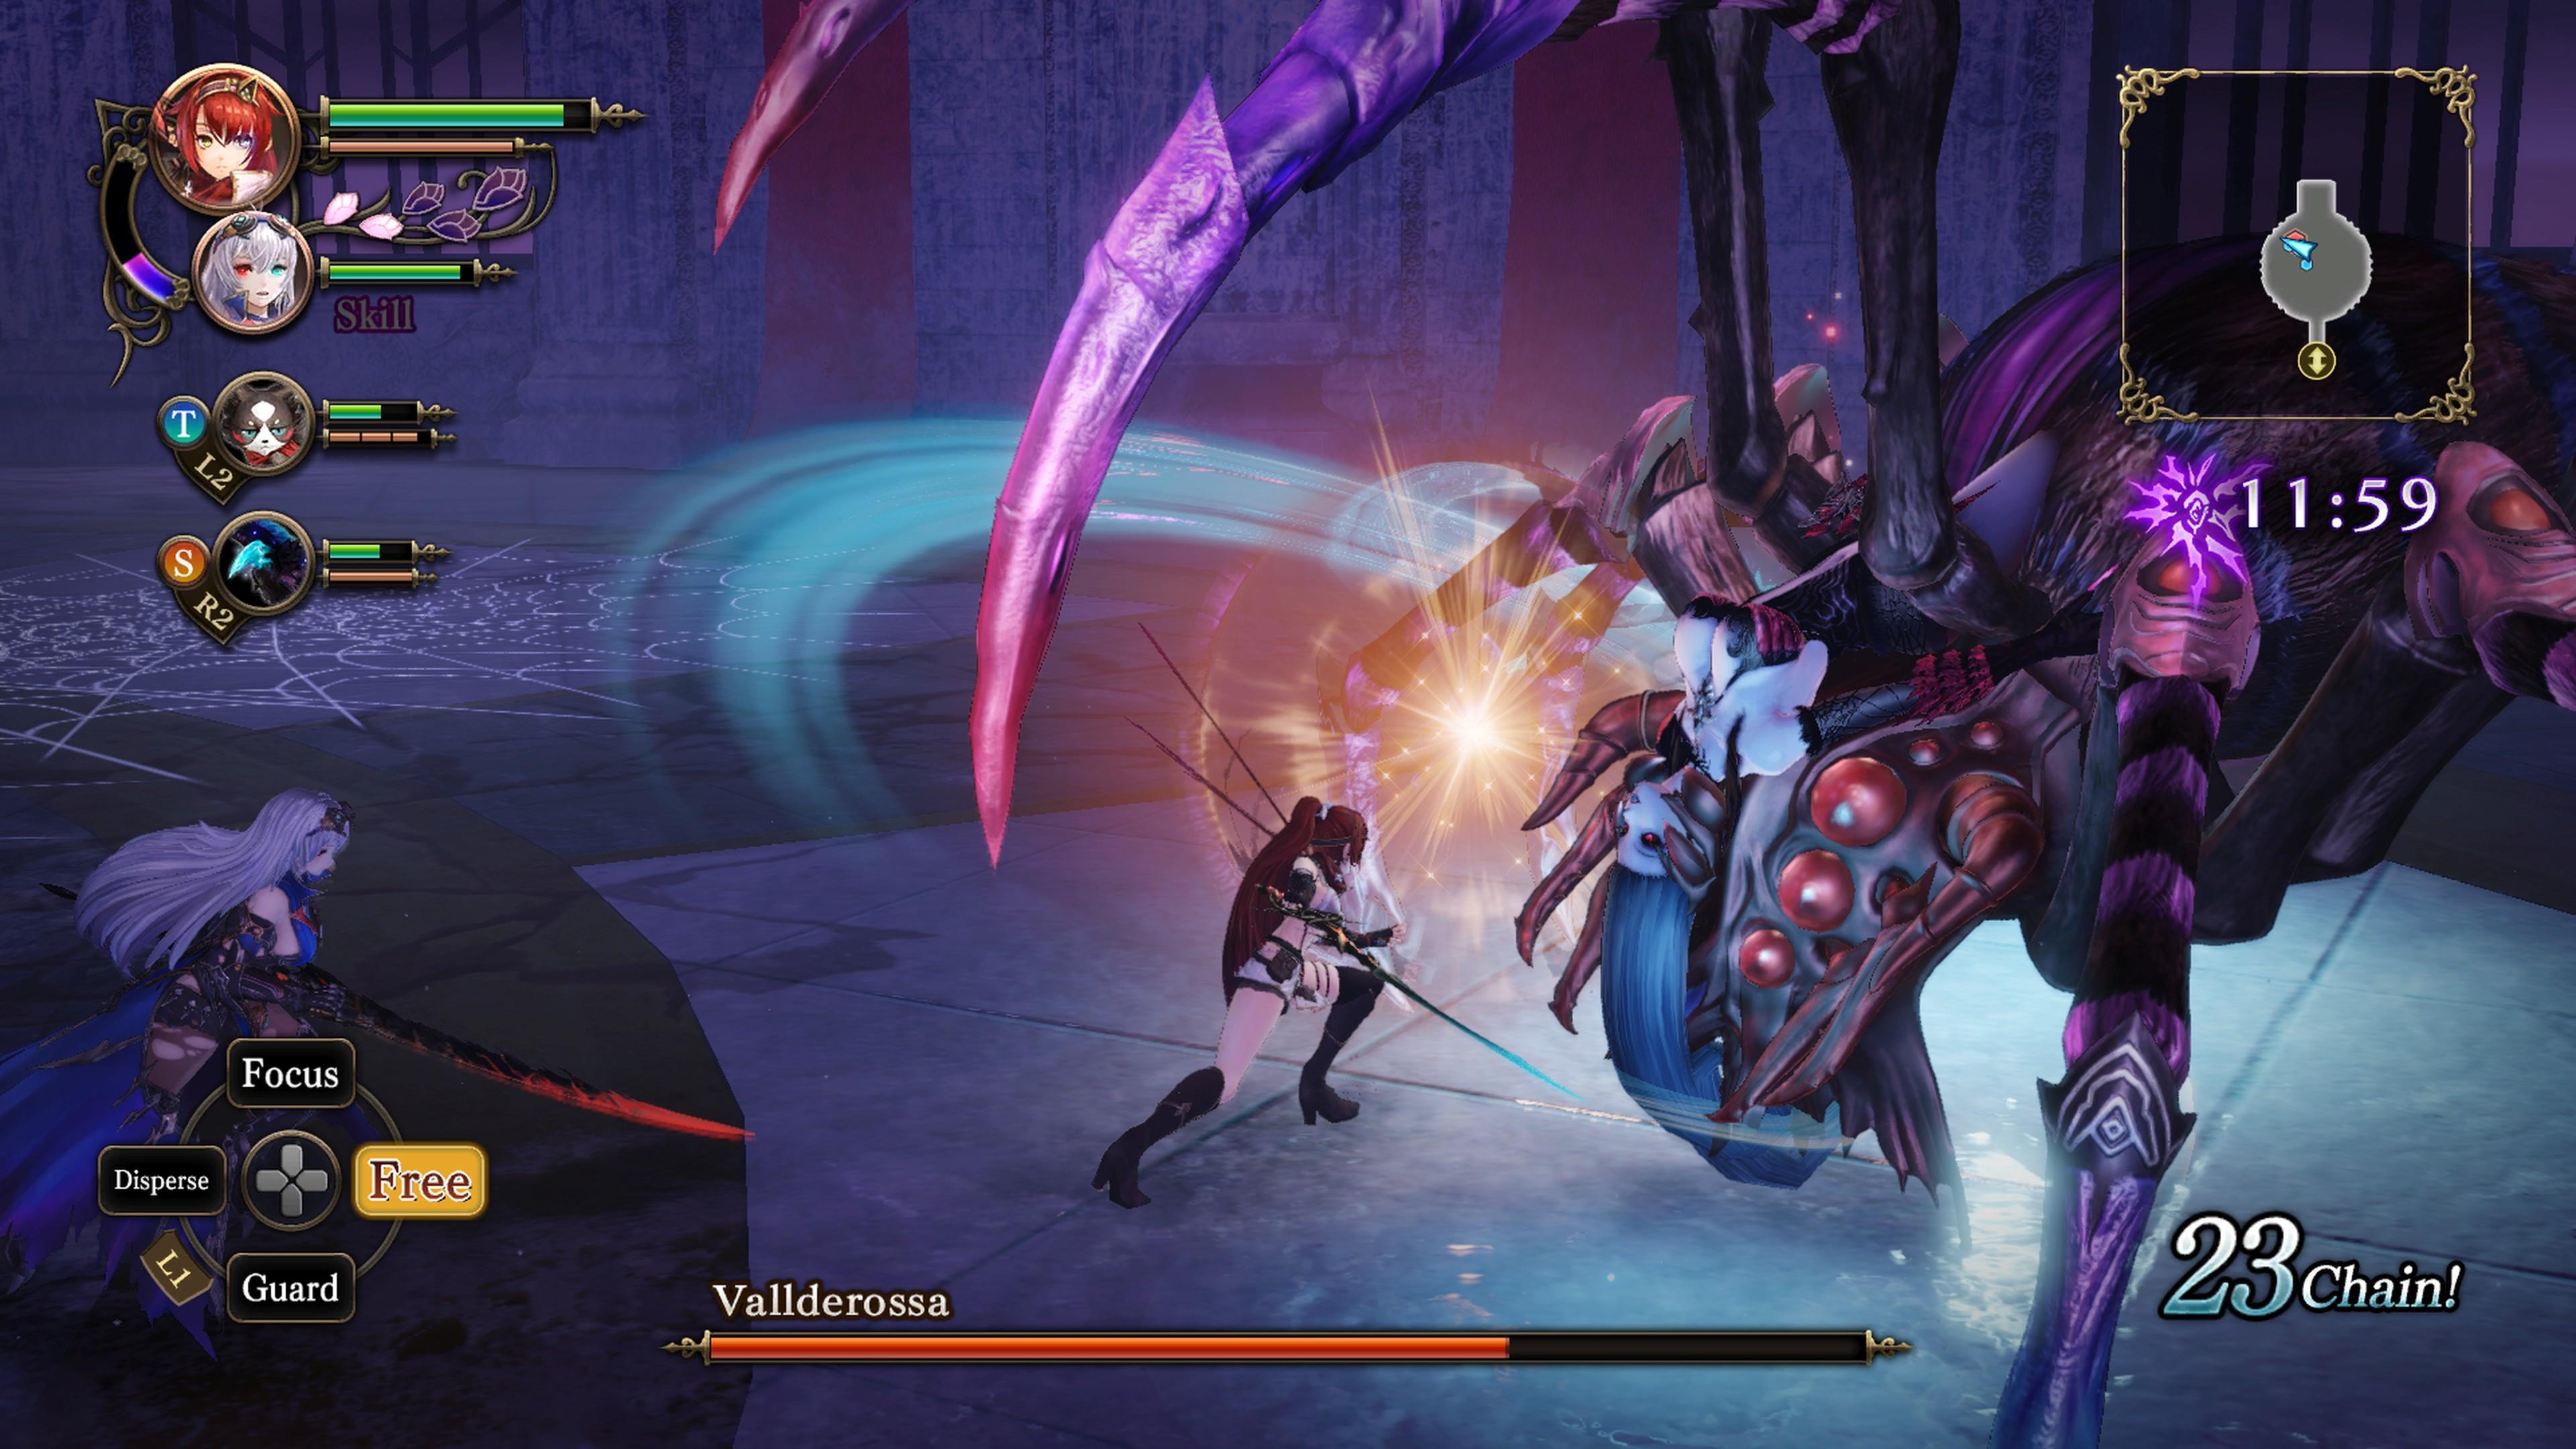 Detaily bojového sytému Nights of Azure 2 a bonusy po vydání 149838